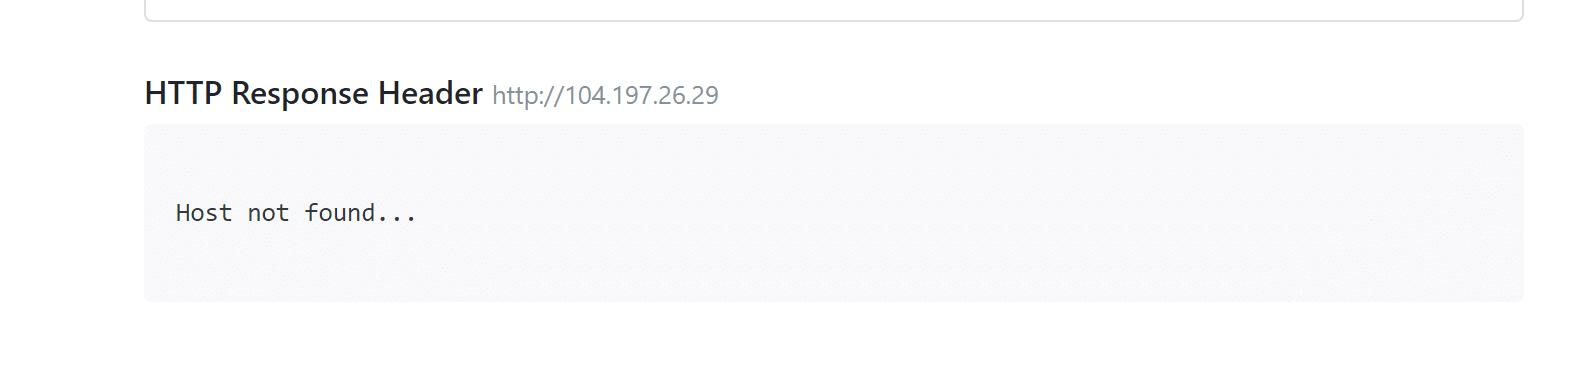 Un esempio di problema del server